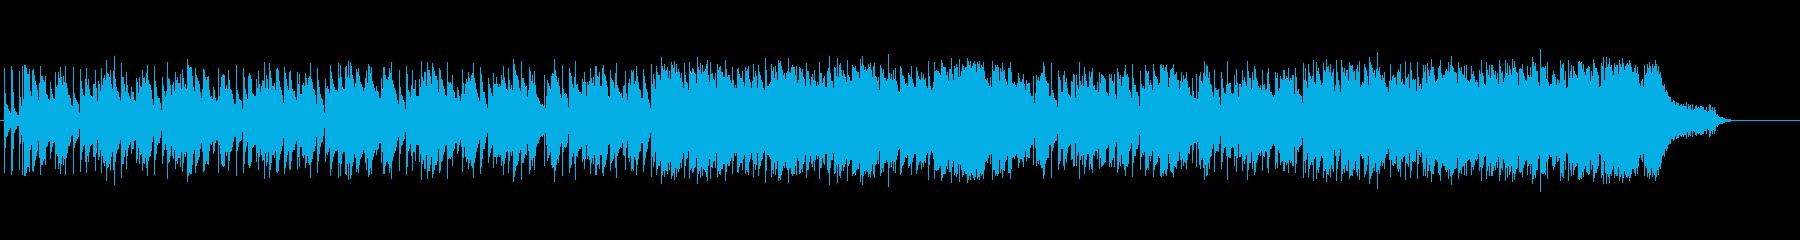 ハートウォームなピアノ・バラードの再生済みの波形